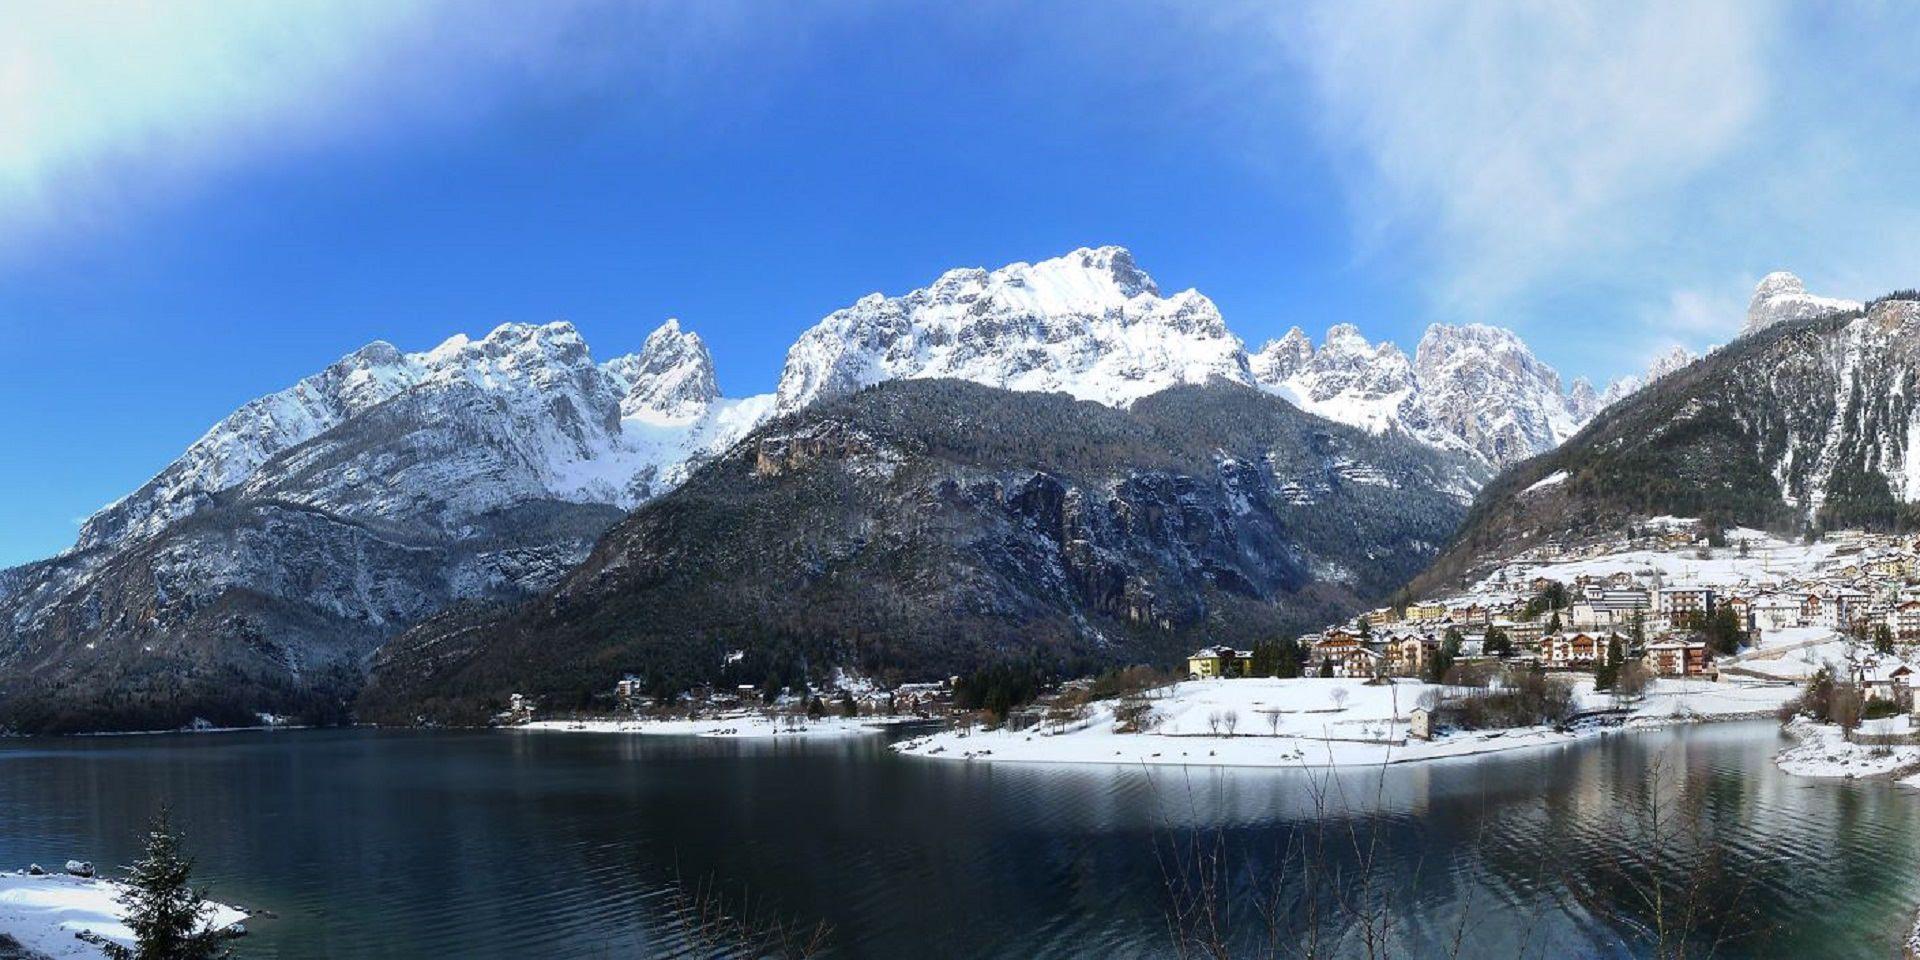 Camping Spiaggia Lago Di Molveno In Trentino Fra Il Lago Di Molveno